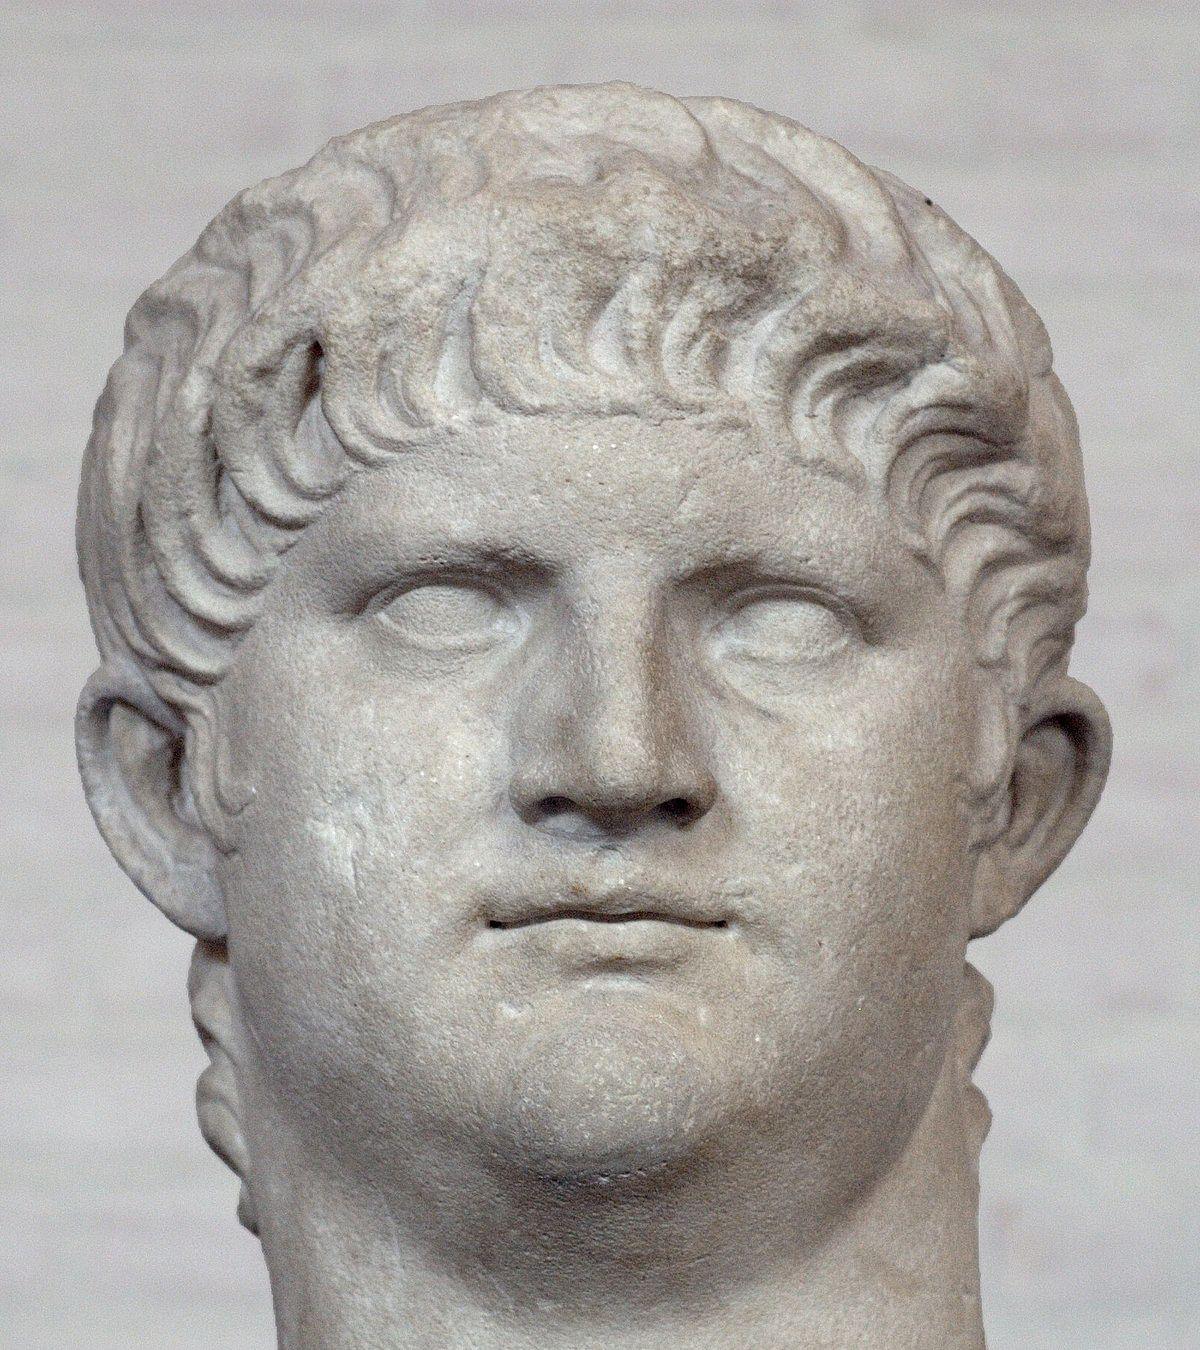 Nero | நீரோ